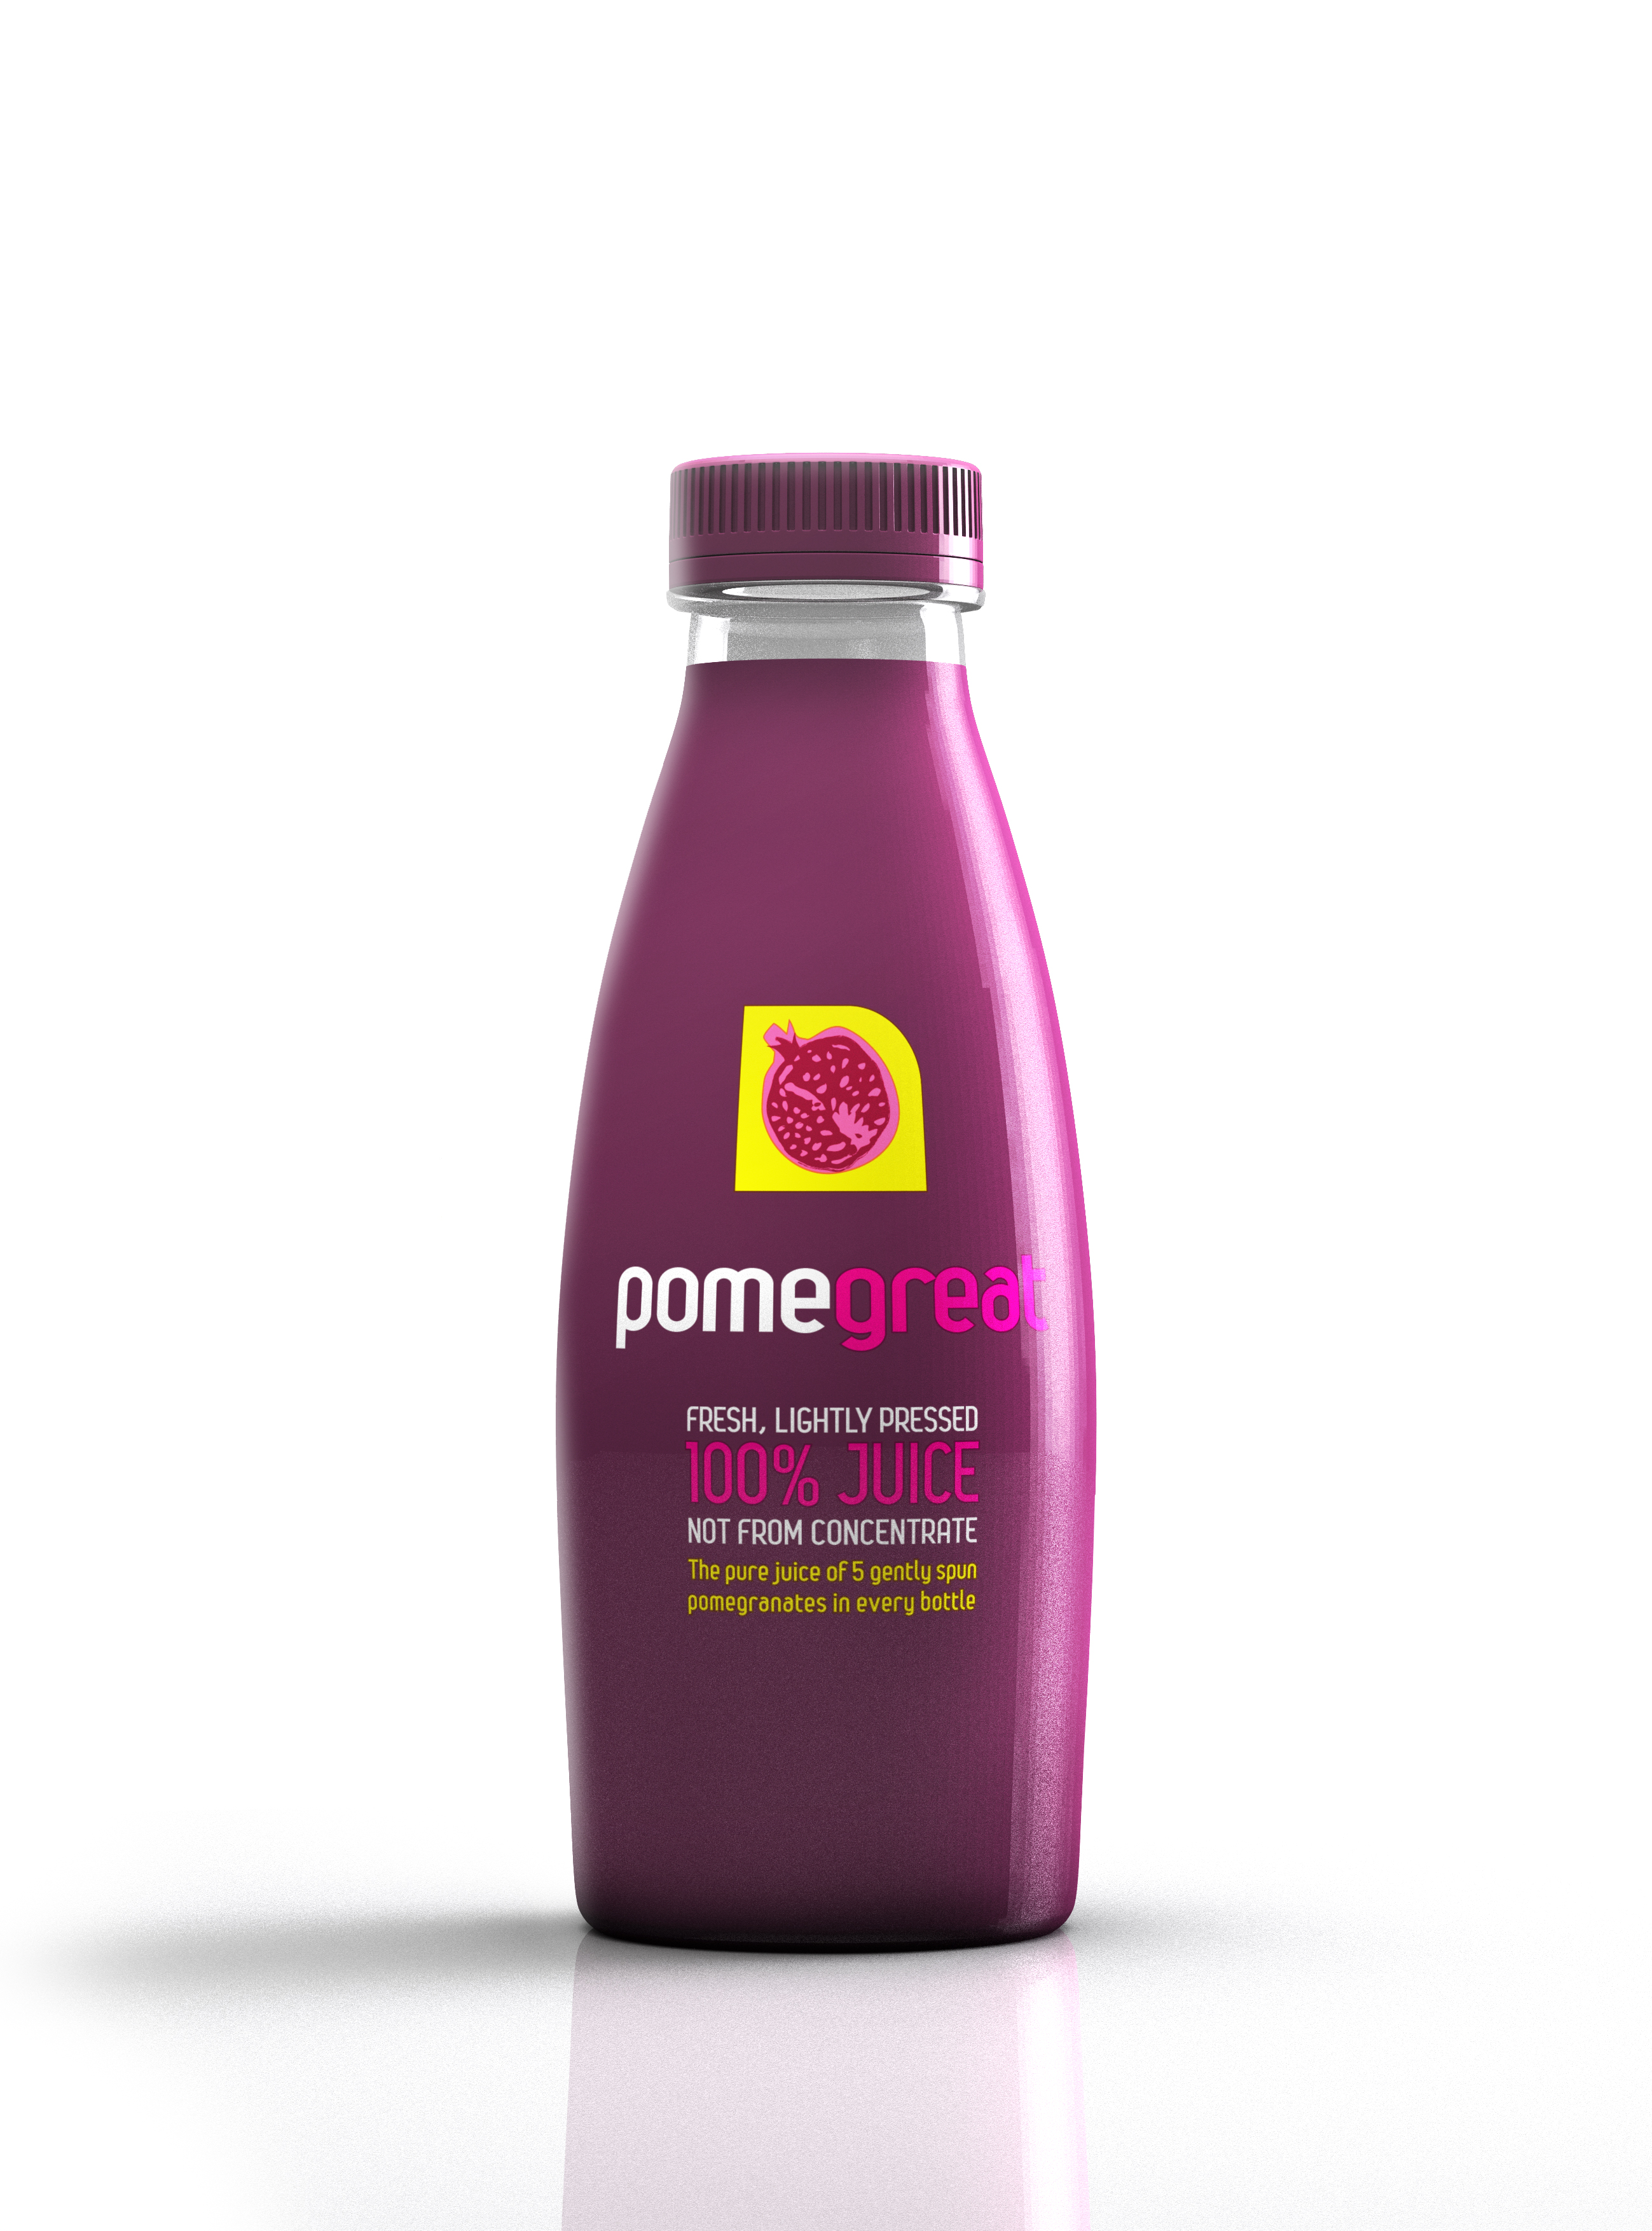 pome_great_bottle